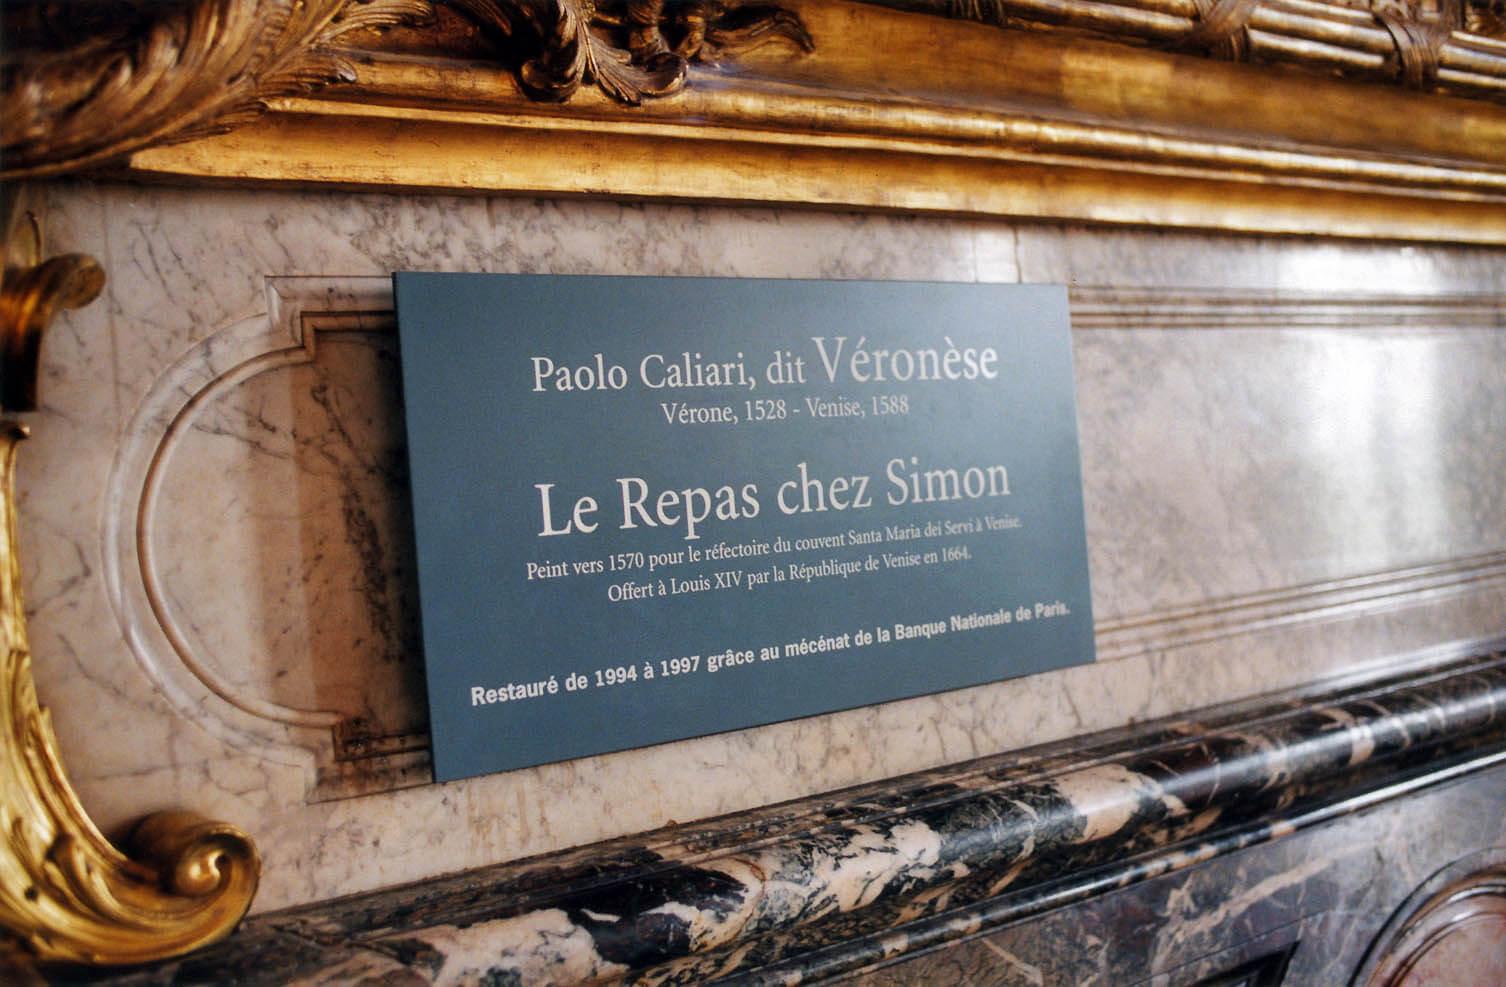 Image Château de Versailles 11